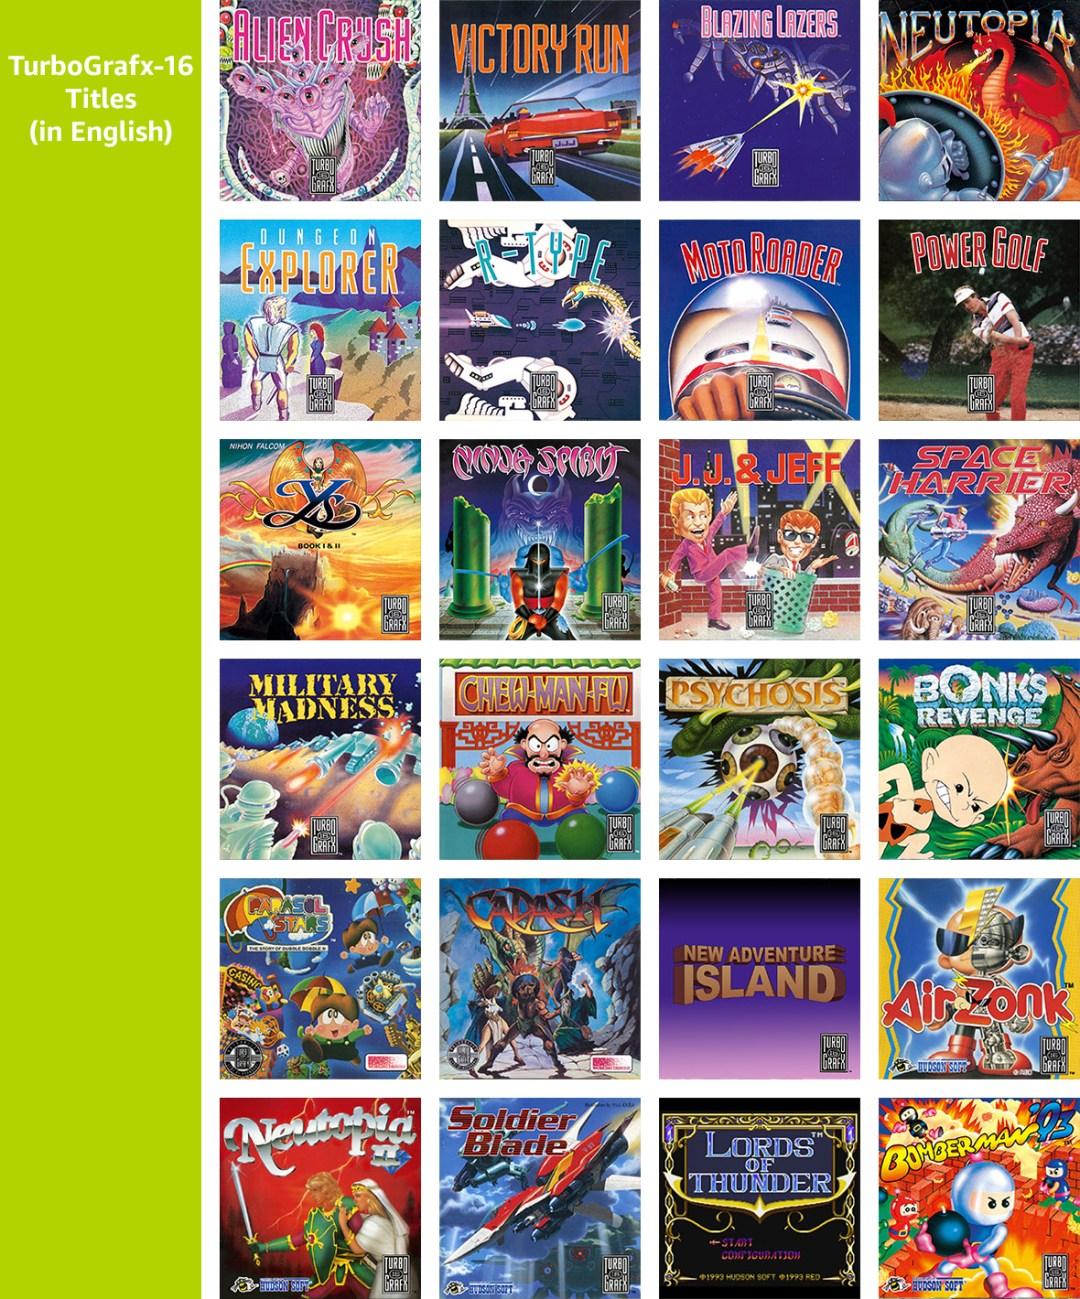 TurboGrafx-16 Titles (in English)